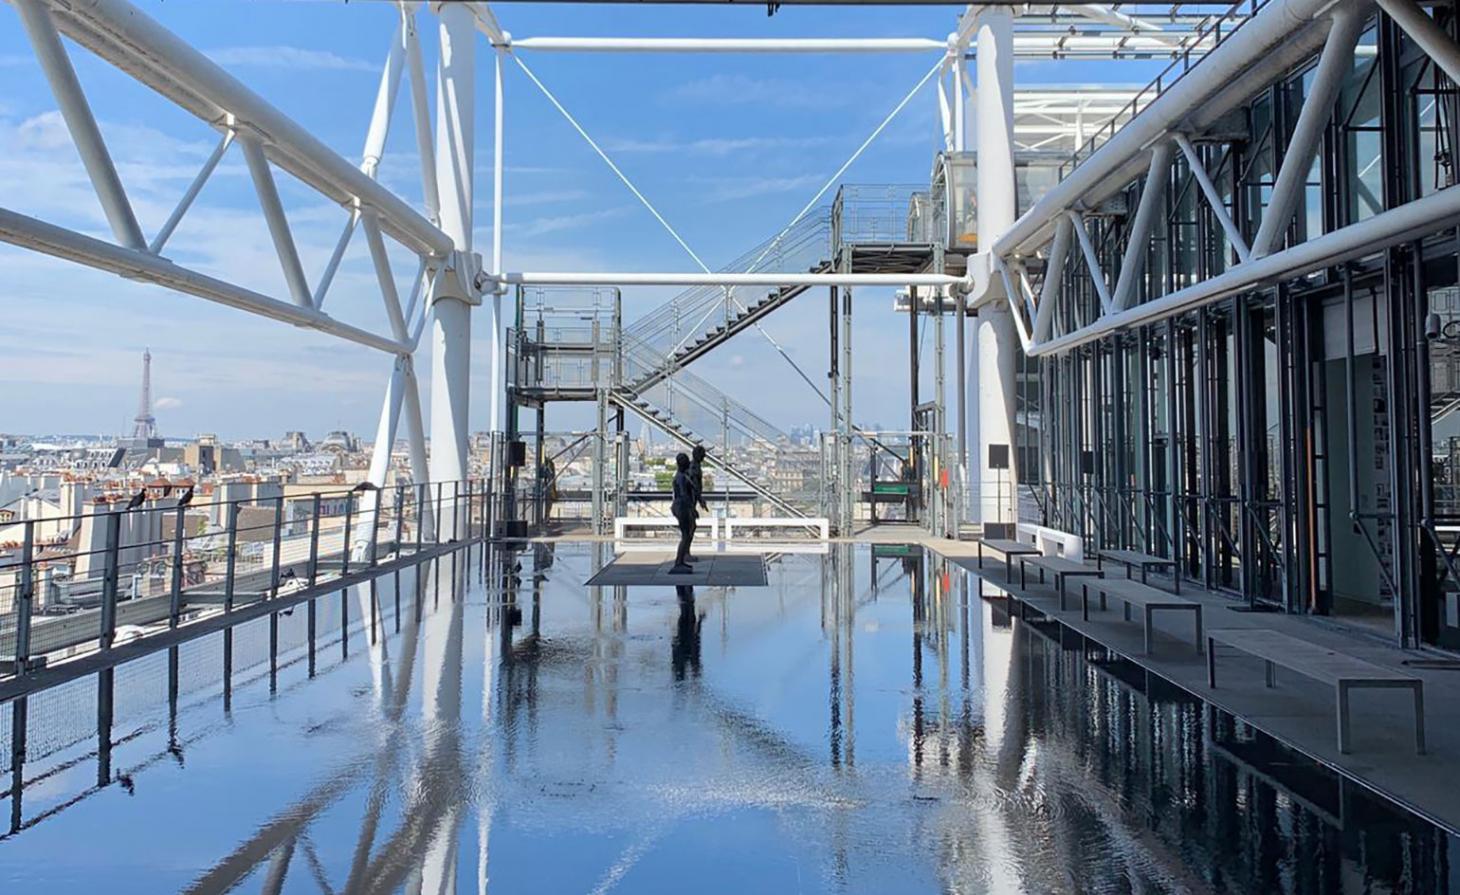 """Para seu terceiro desfile, Ludovic de Saint Sernin escolheu o Centro George Pompidou, que ja recebeu shows de Louis Vuitton e Vetements. Um dos nomes mais promissores de sua geração, Ludovic montou o show em um dos terraços ao ar livre, no quinto andar, um espaço nunca antes usado como locação para desfiles. A piscina rasa do espaço evocou a inspiração """"wet-n-wild"""" por trás da coleção / Reprodução"""